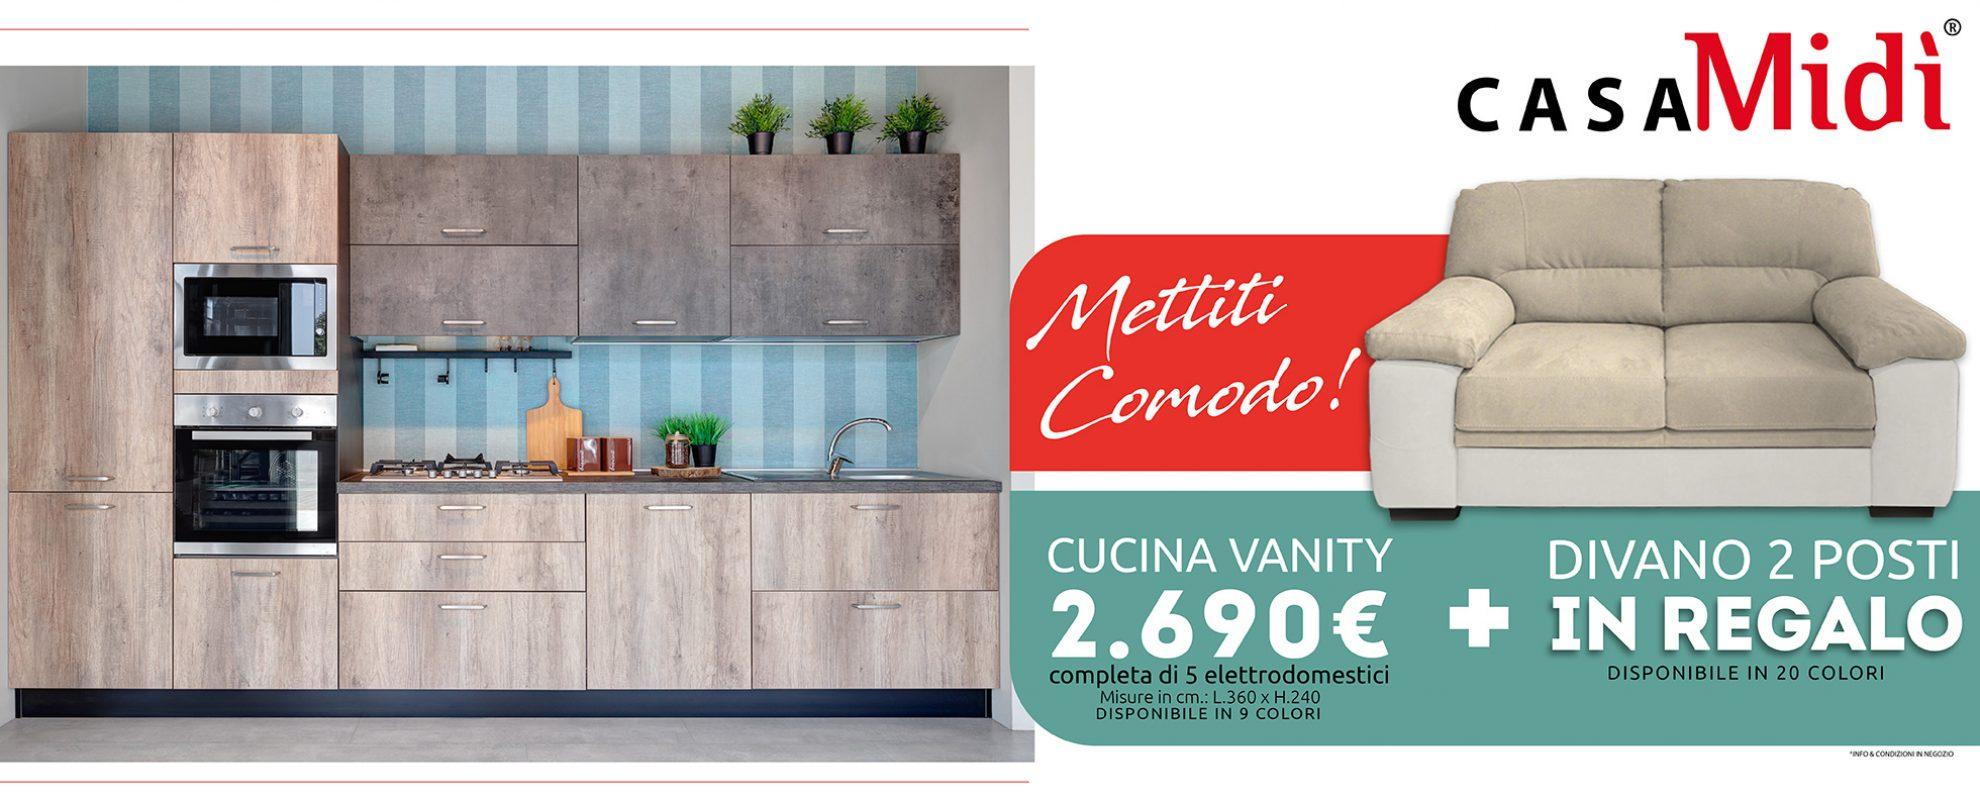 homepage VANITY-01